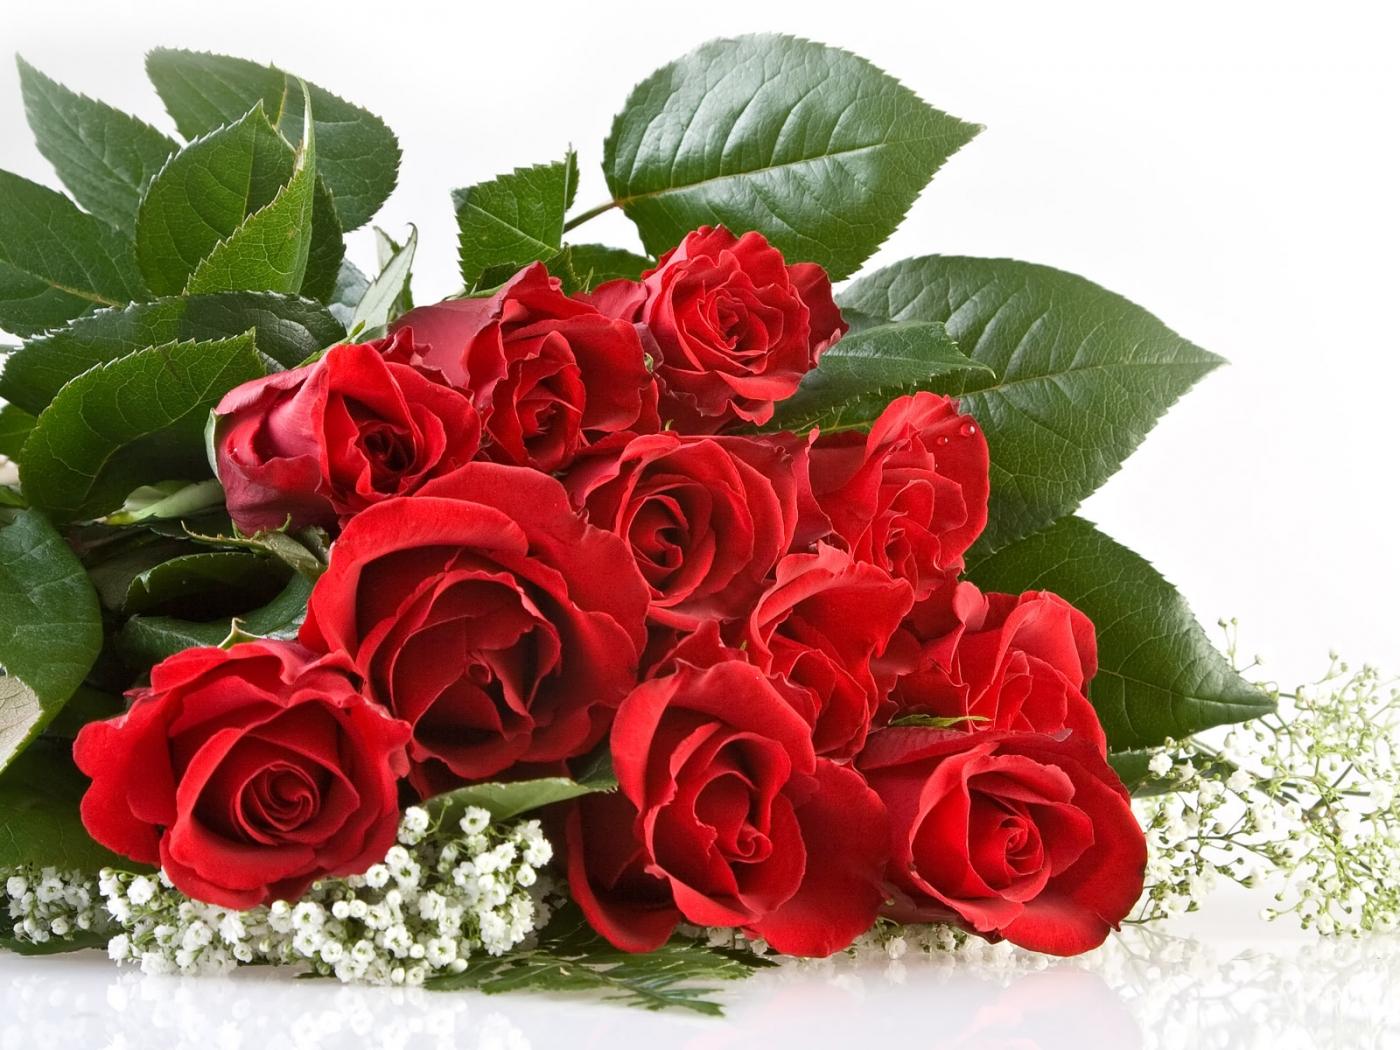 37767 скачать обои Букеты, Растения, Цветы, Розы - заставки и картинки бесплатно